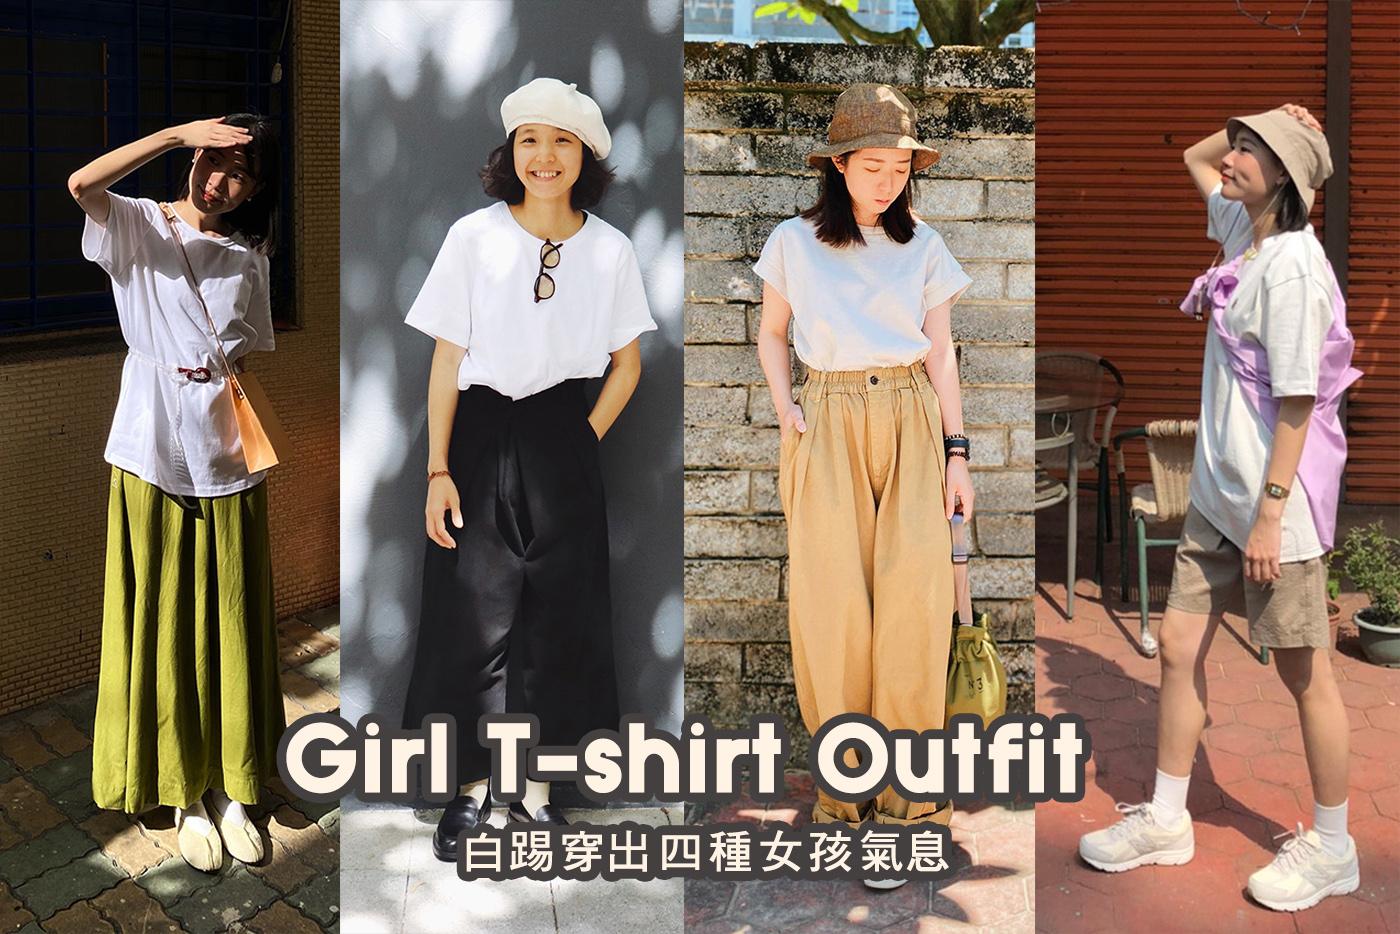 白T搭配,白T穿搭,素T穿搭,T恤穿搭,t恤,素T,白T,重磅t,T-shirt,短板上衣穿搭